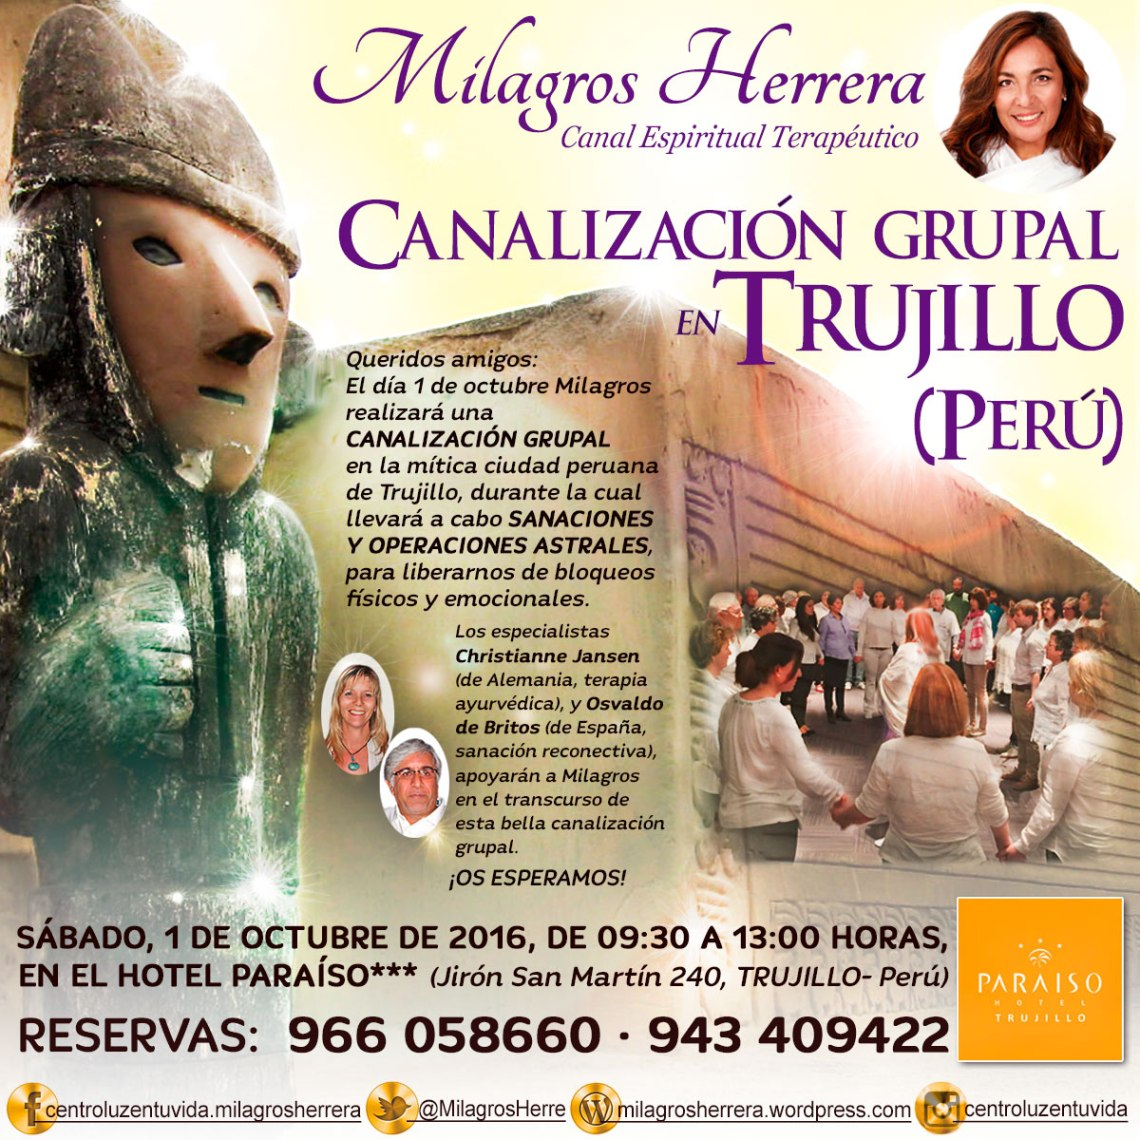 Milagros Herrera Canal Espiritual Terapéutico, citas individuales y grupales.